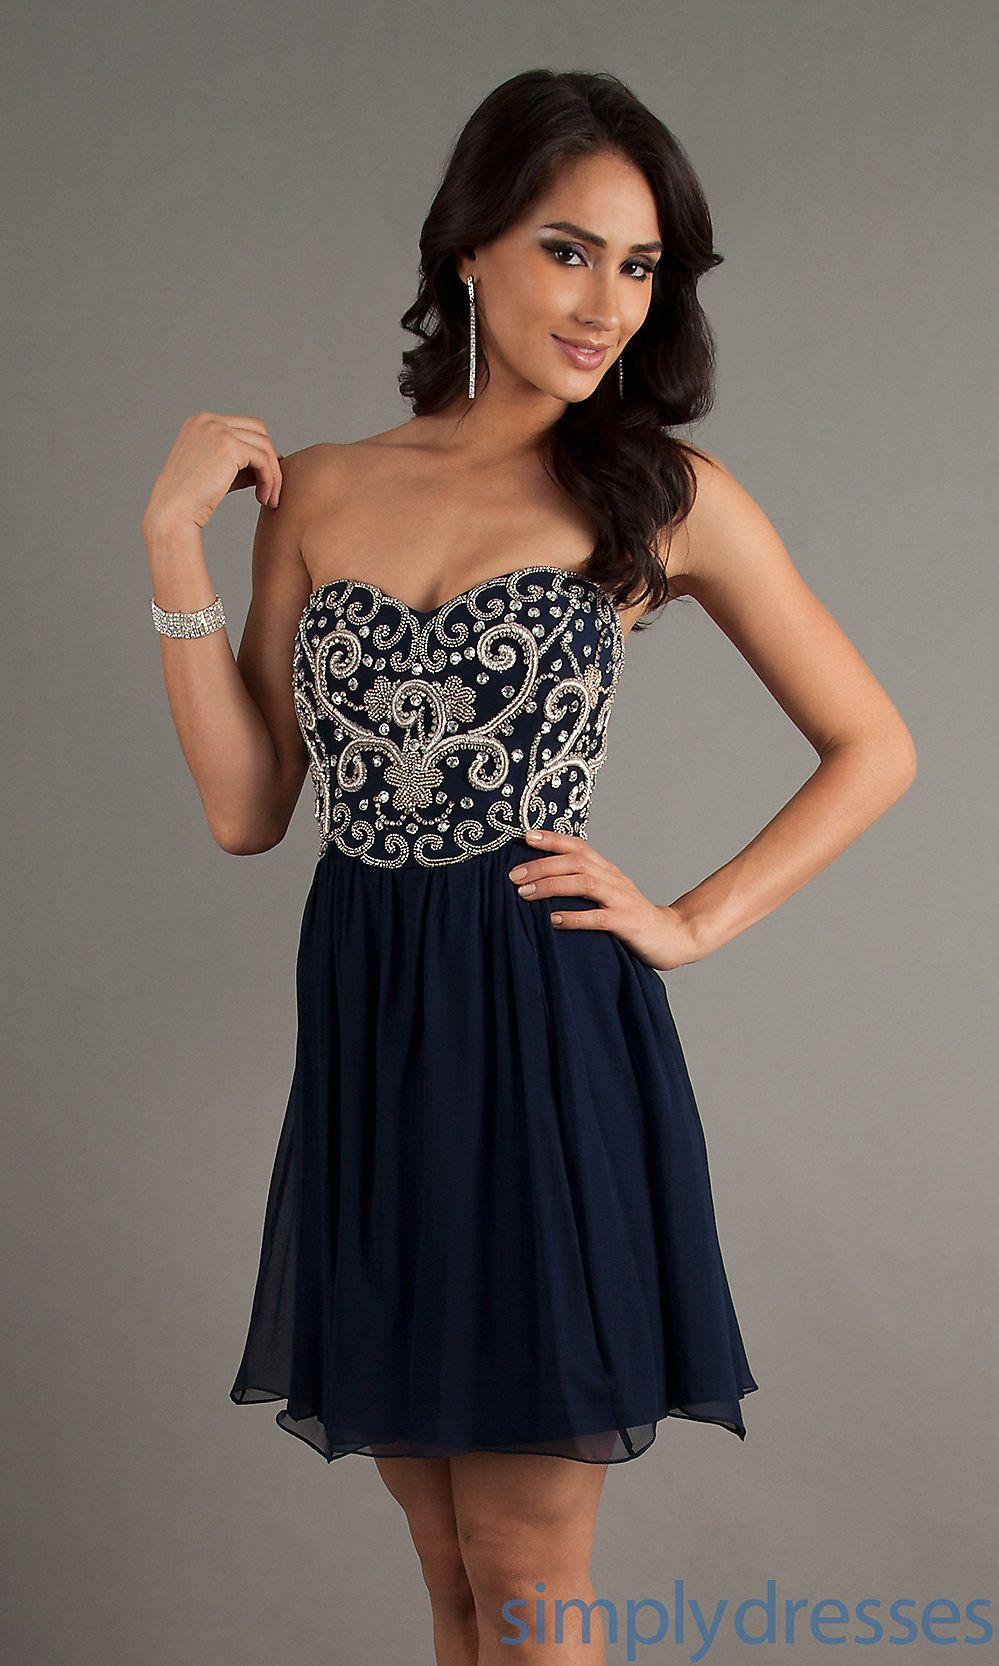 Navy Blue Short Prom Dresses - Ocodea.com